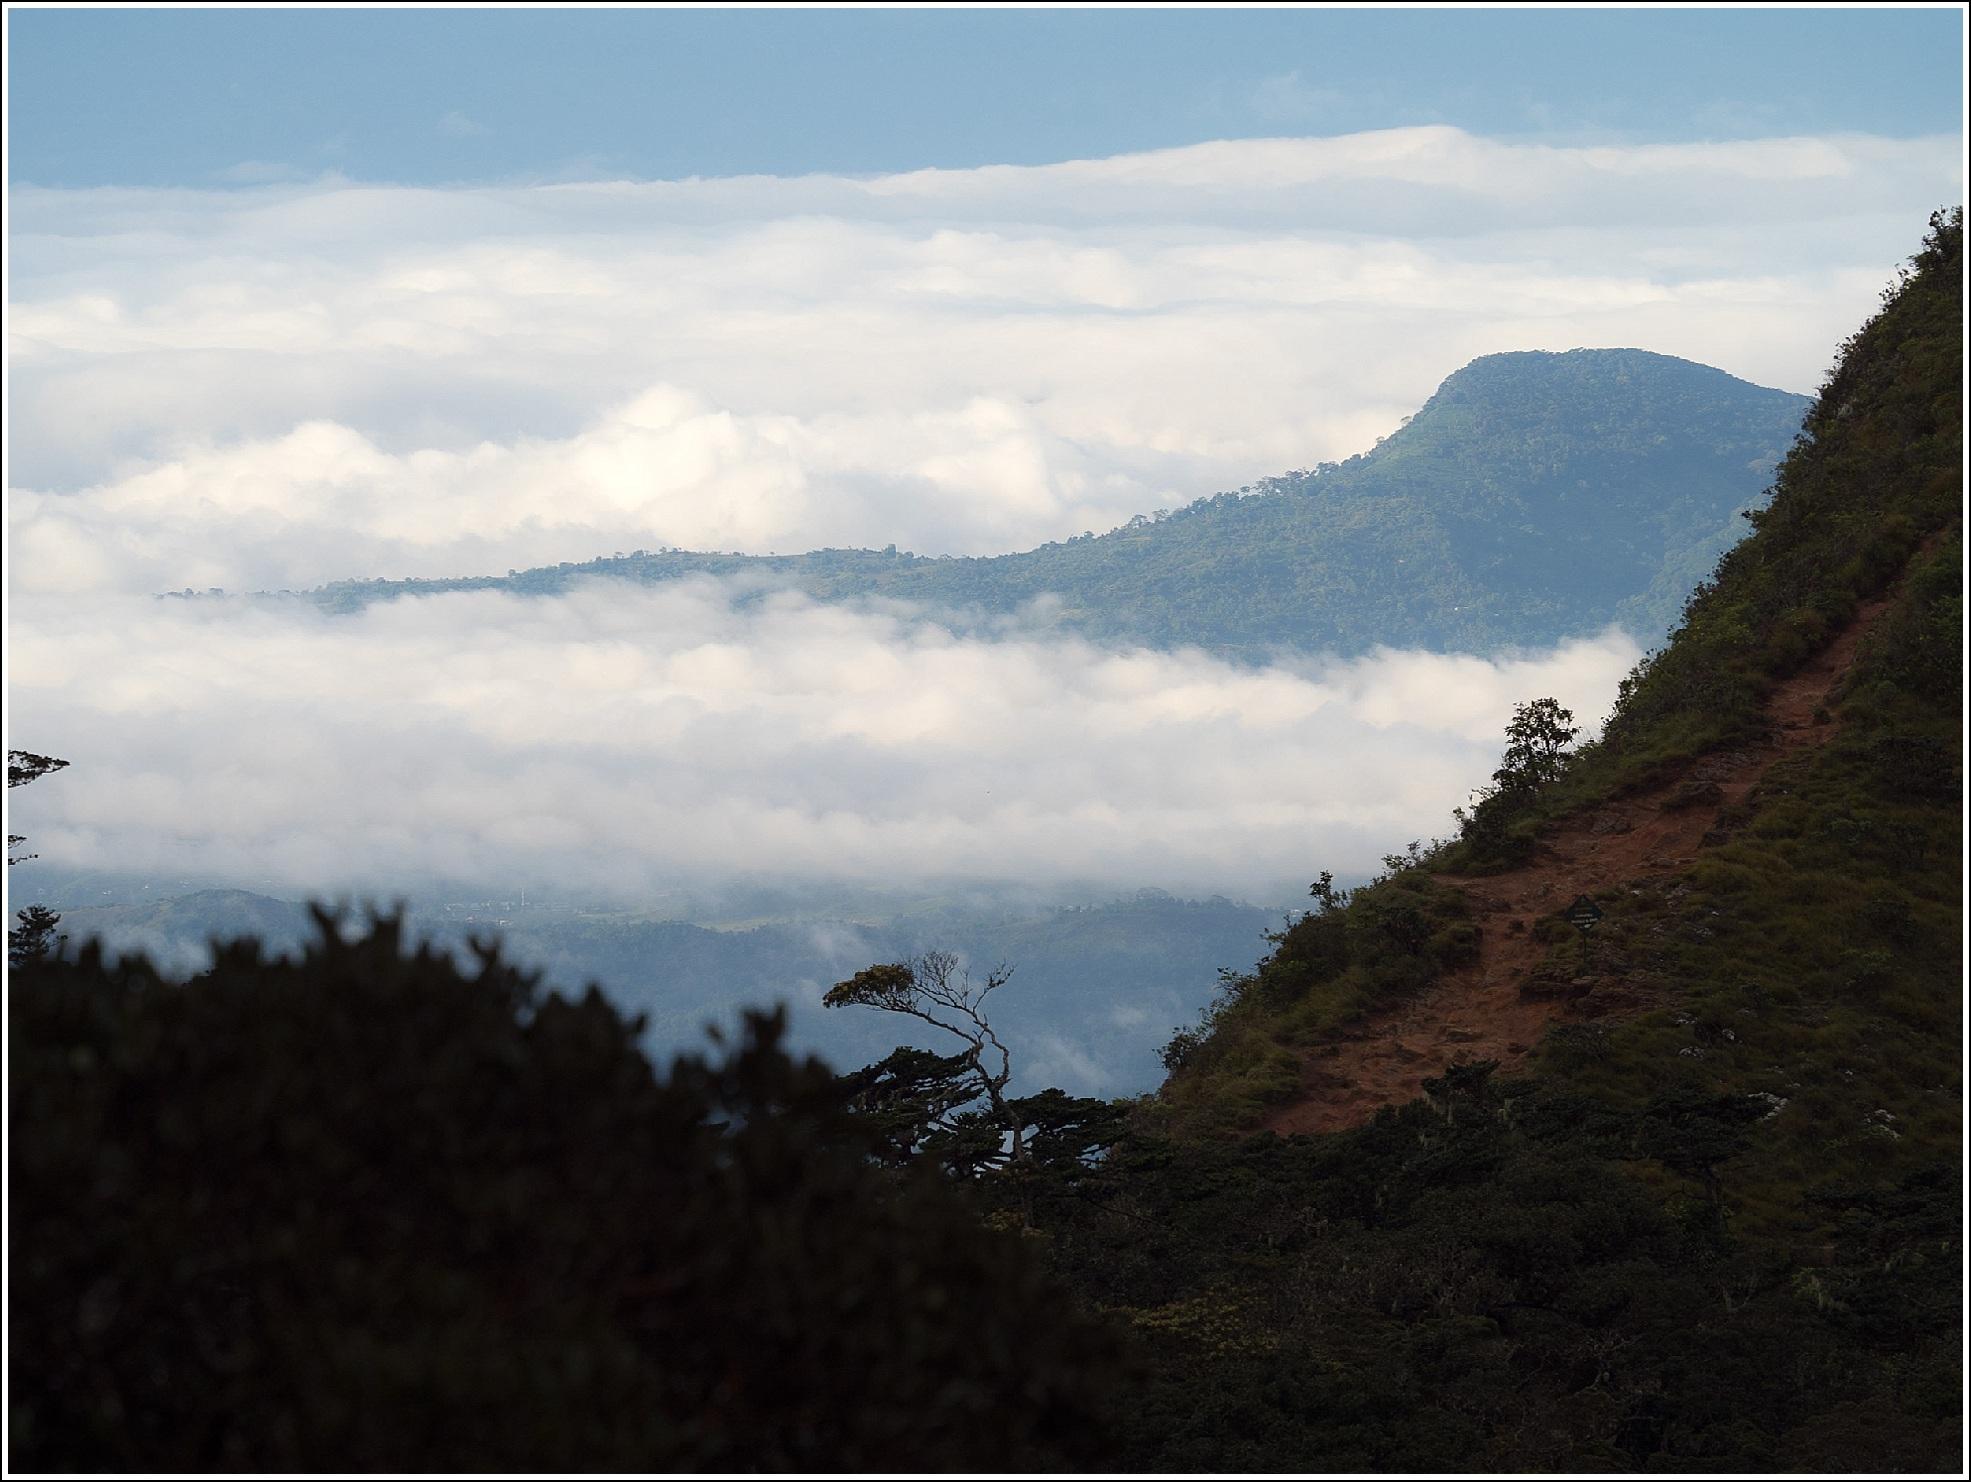 Lækker Te-plantasjer, togtur og verdens ende i høylandet på Sri Lanka VL-01